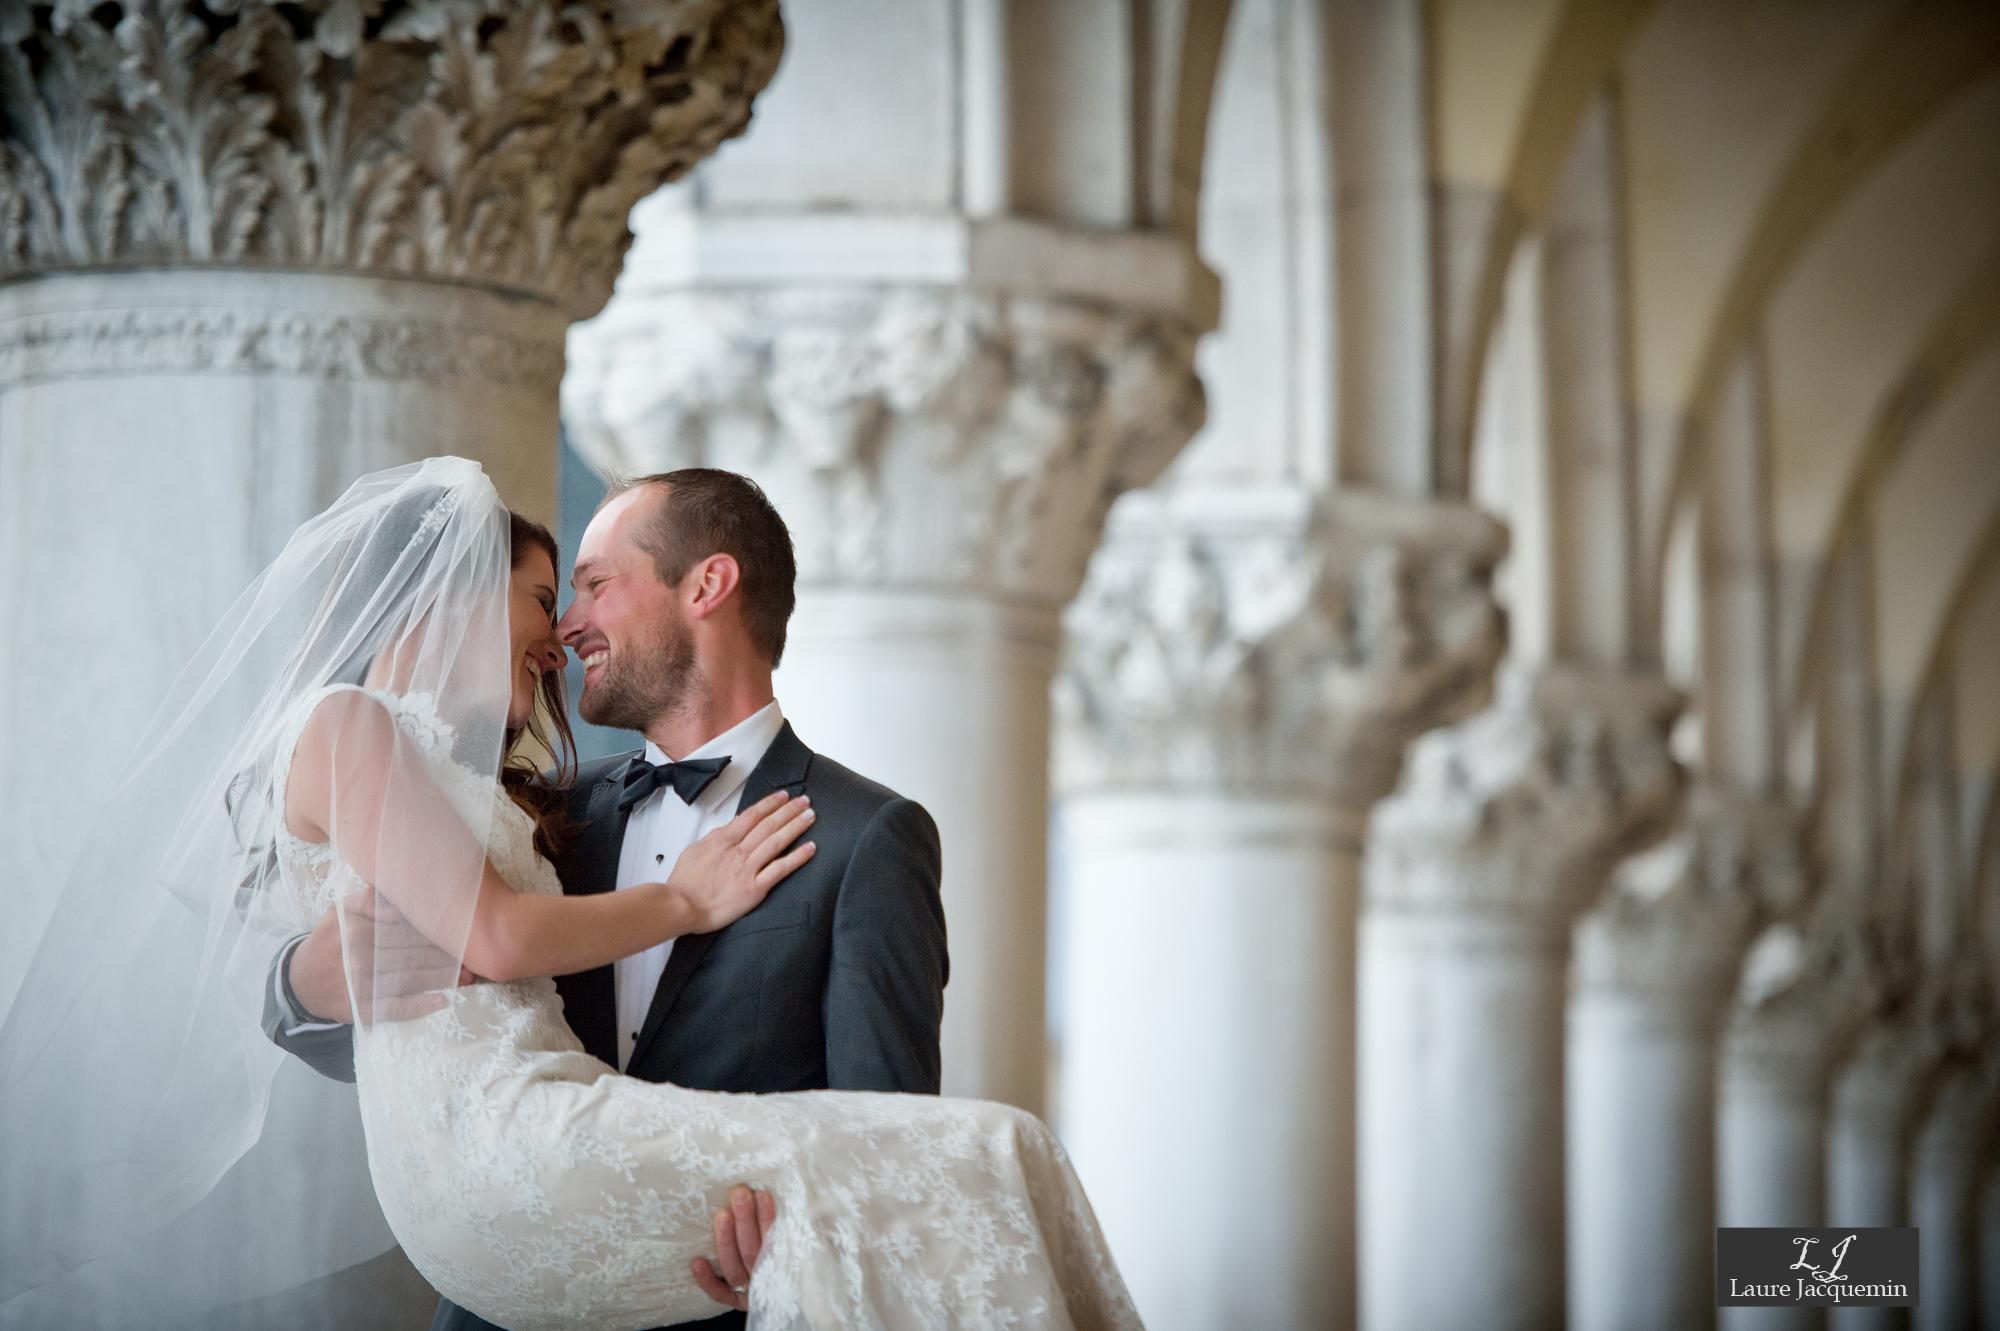 photographe mariage laure jacquemin palazzo cavalli service photographique (88)